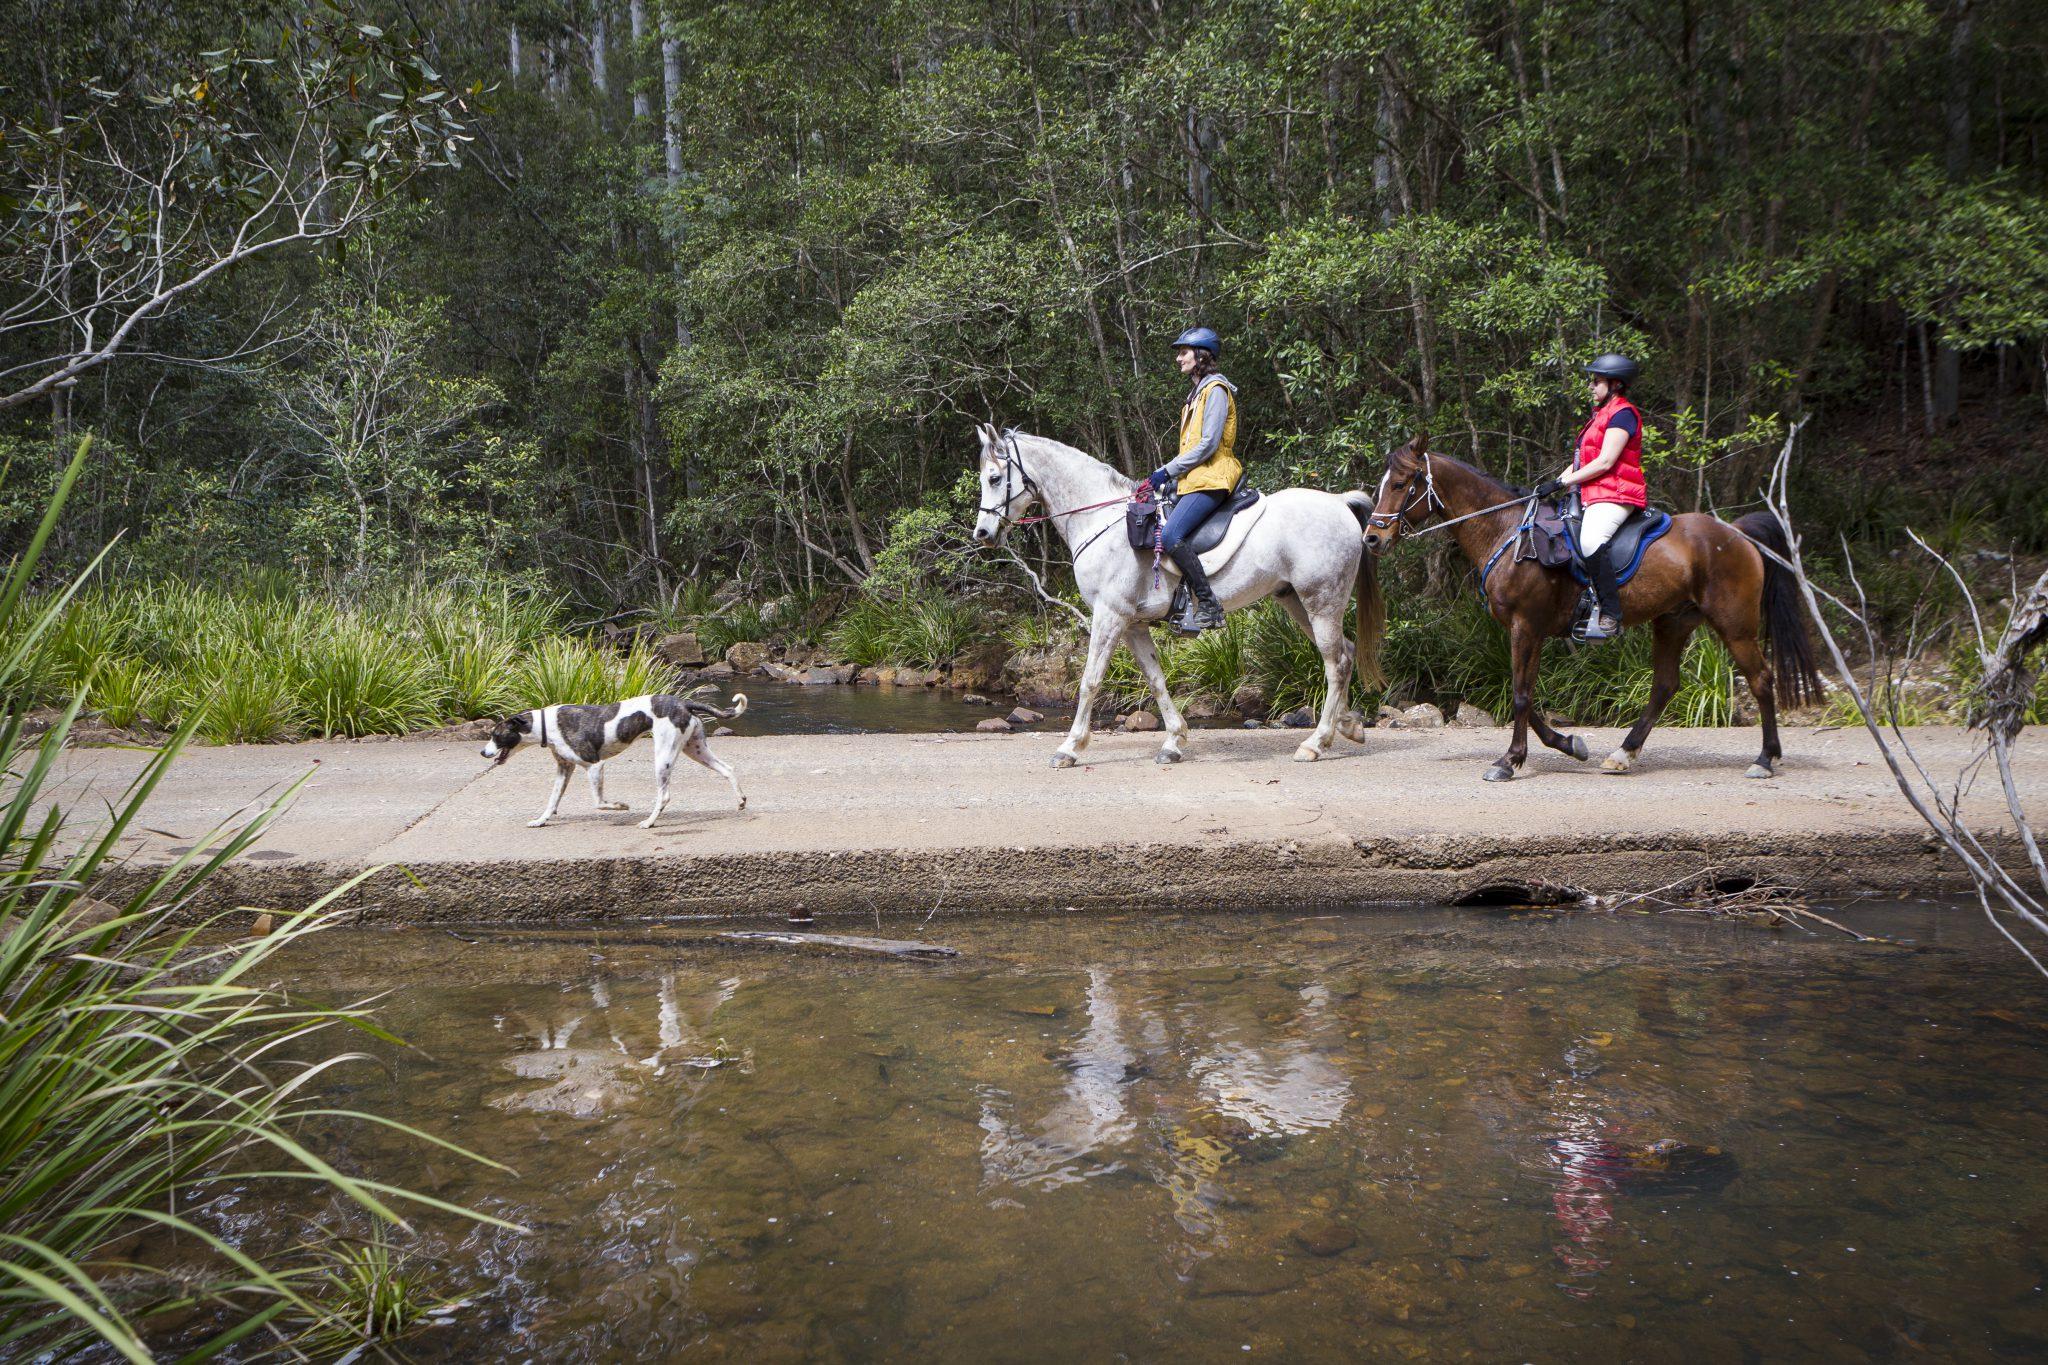 Ruiters met hond in Australië